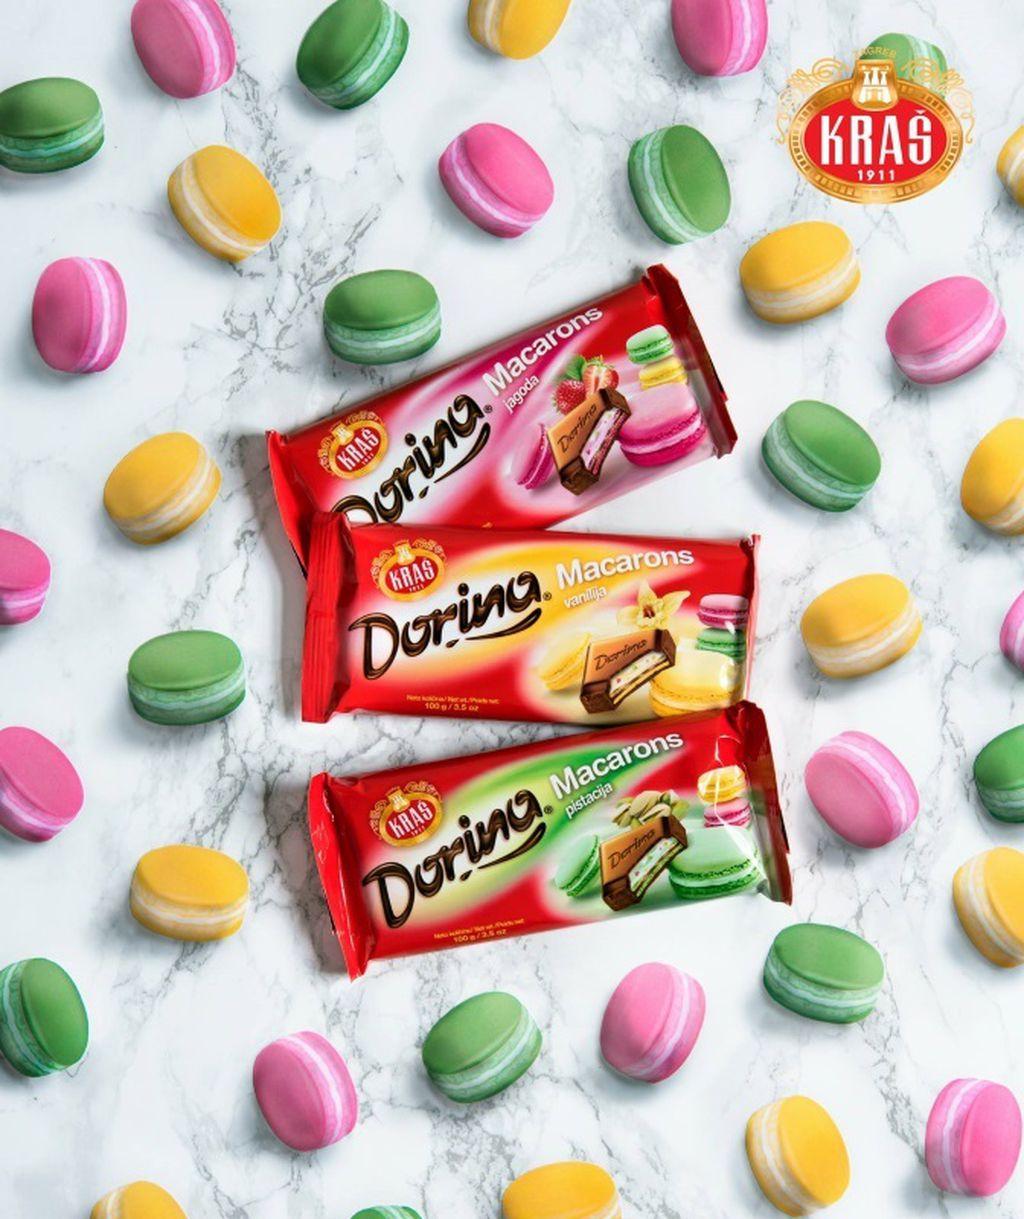 Nove čokolade Dorina Macarons s okusom vanilije, jagode i pistacije - 2